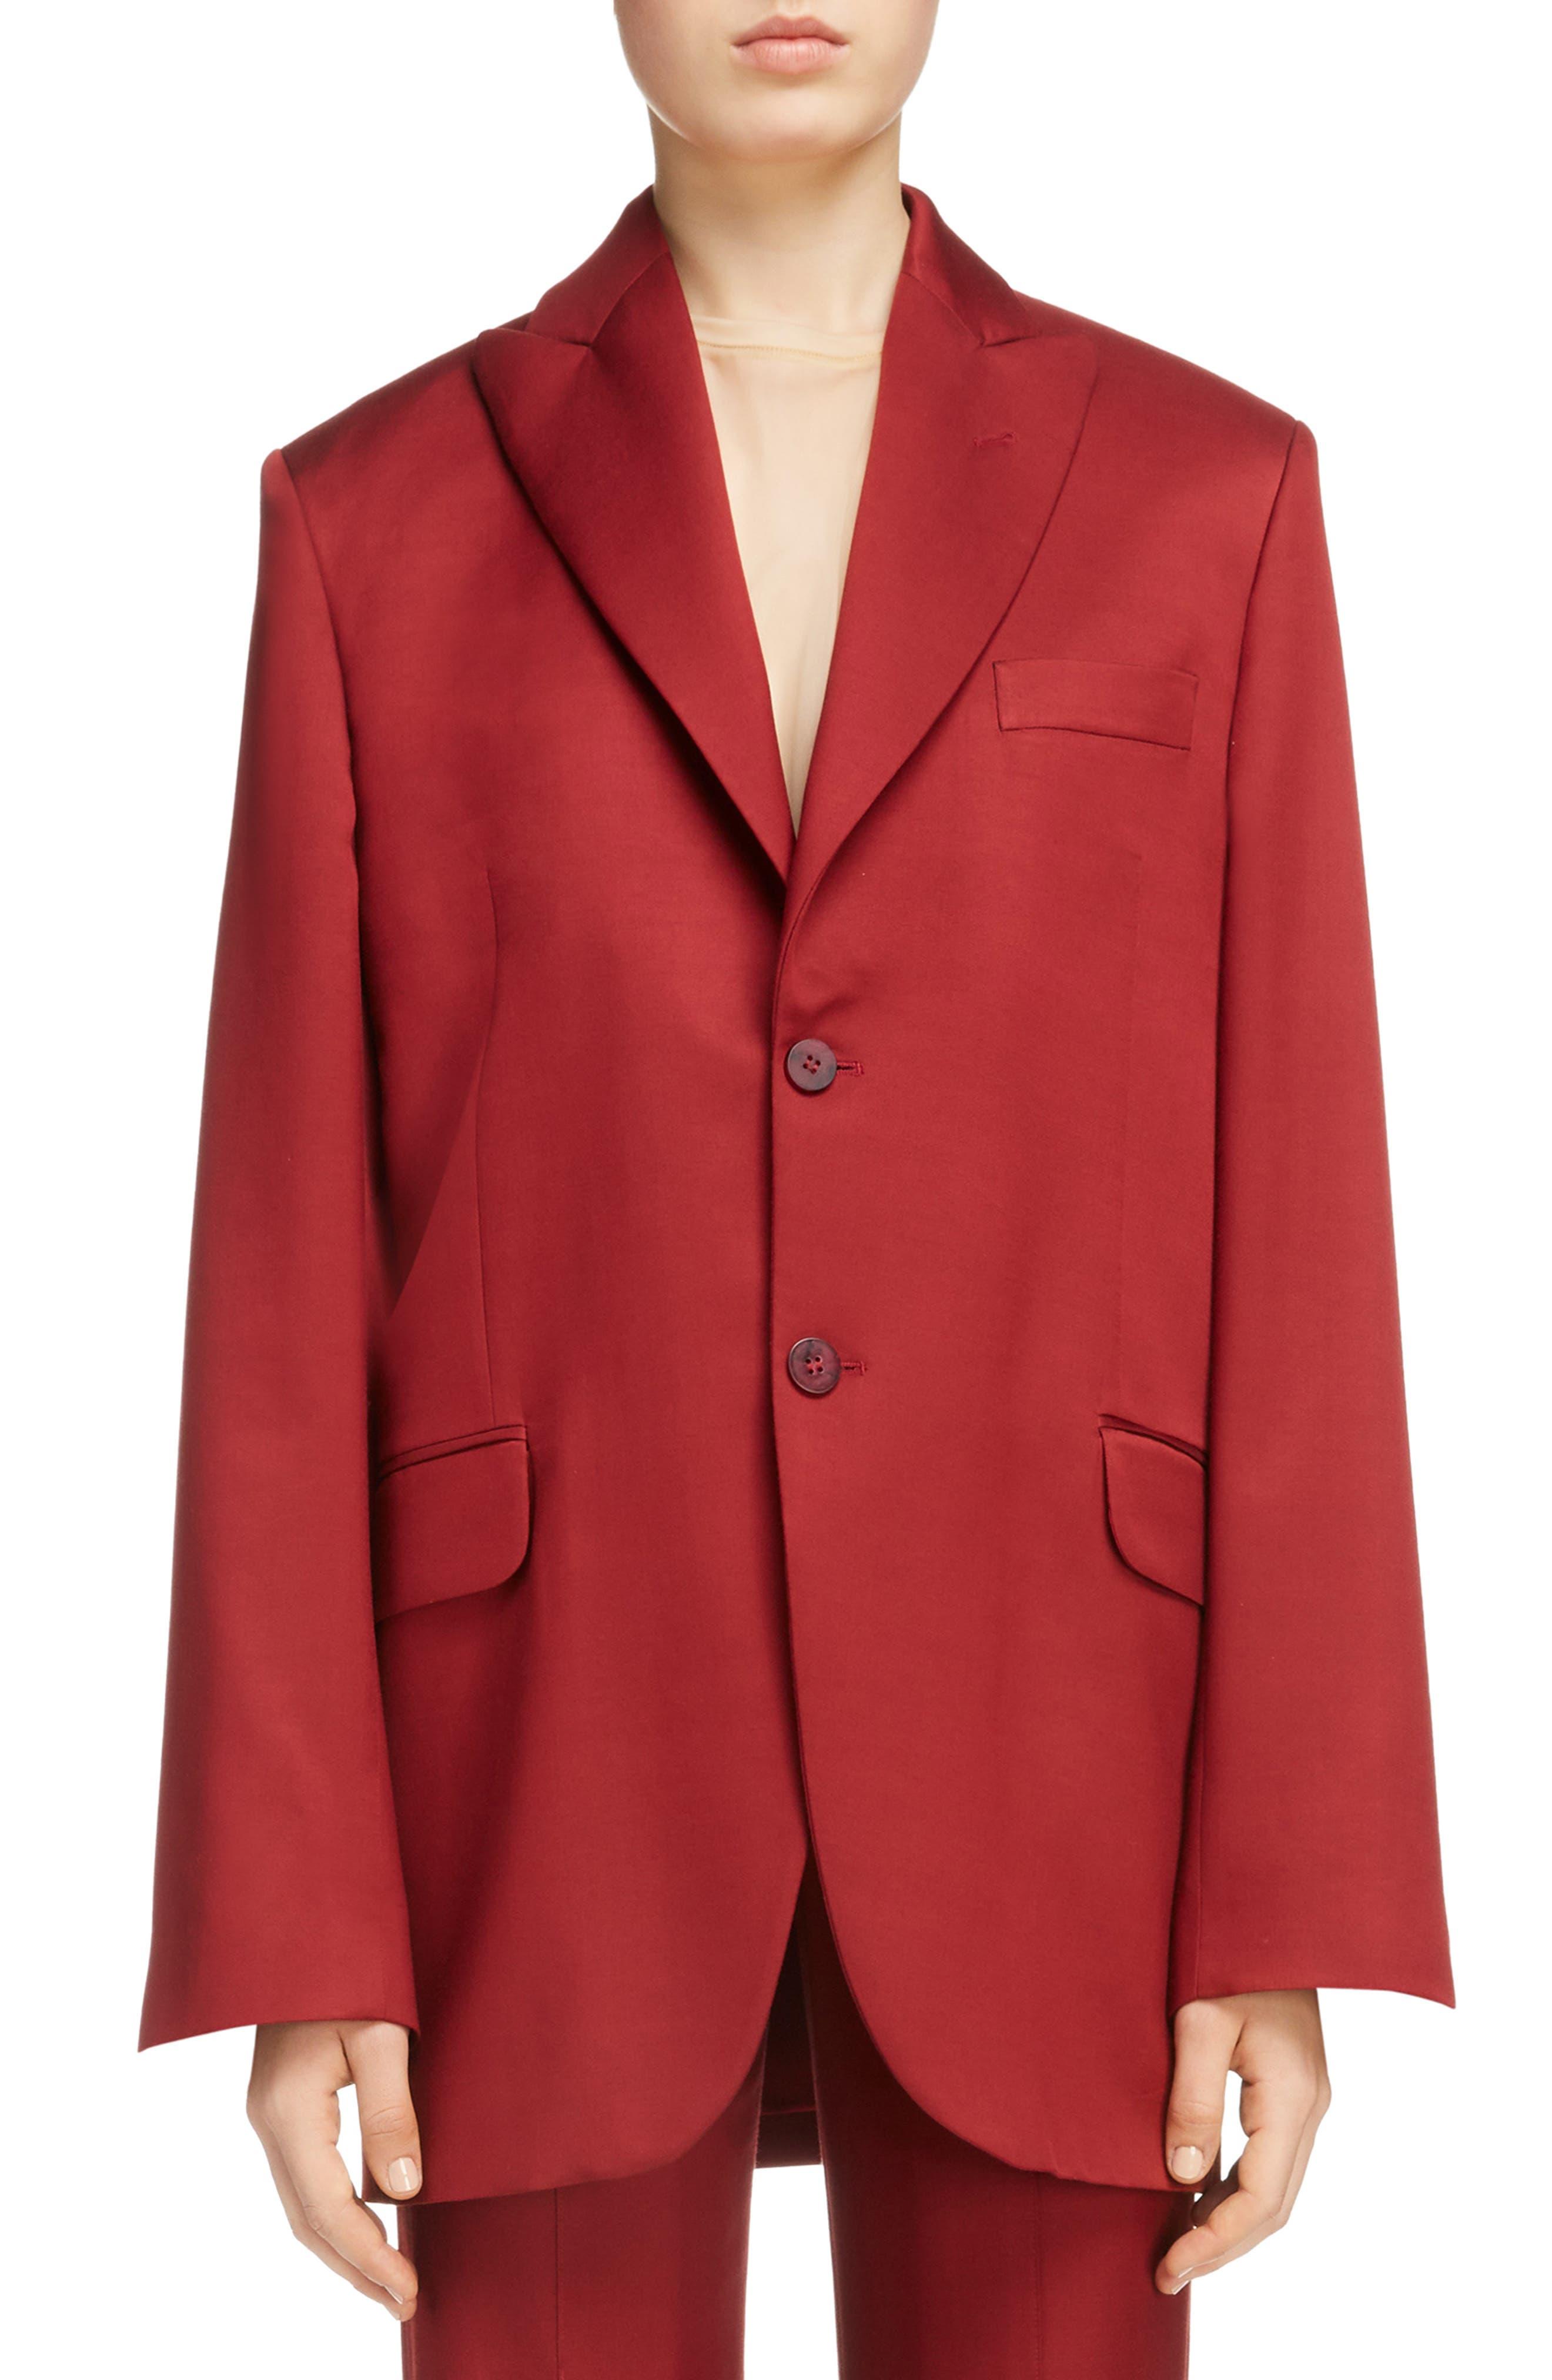 Jaria Suit Jacket,                         Main,                         color, Crimson Red